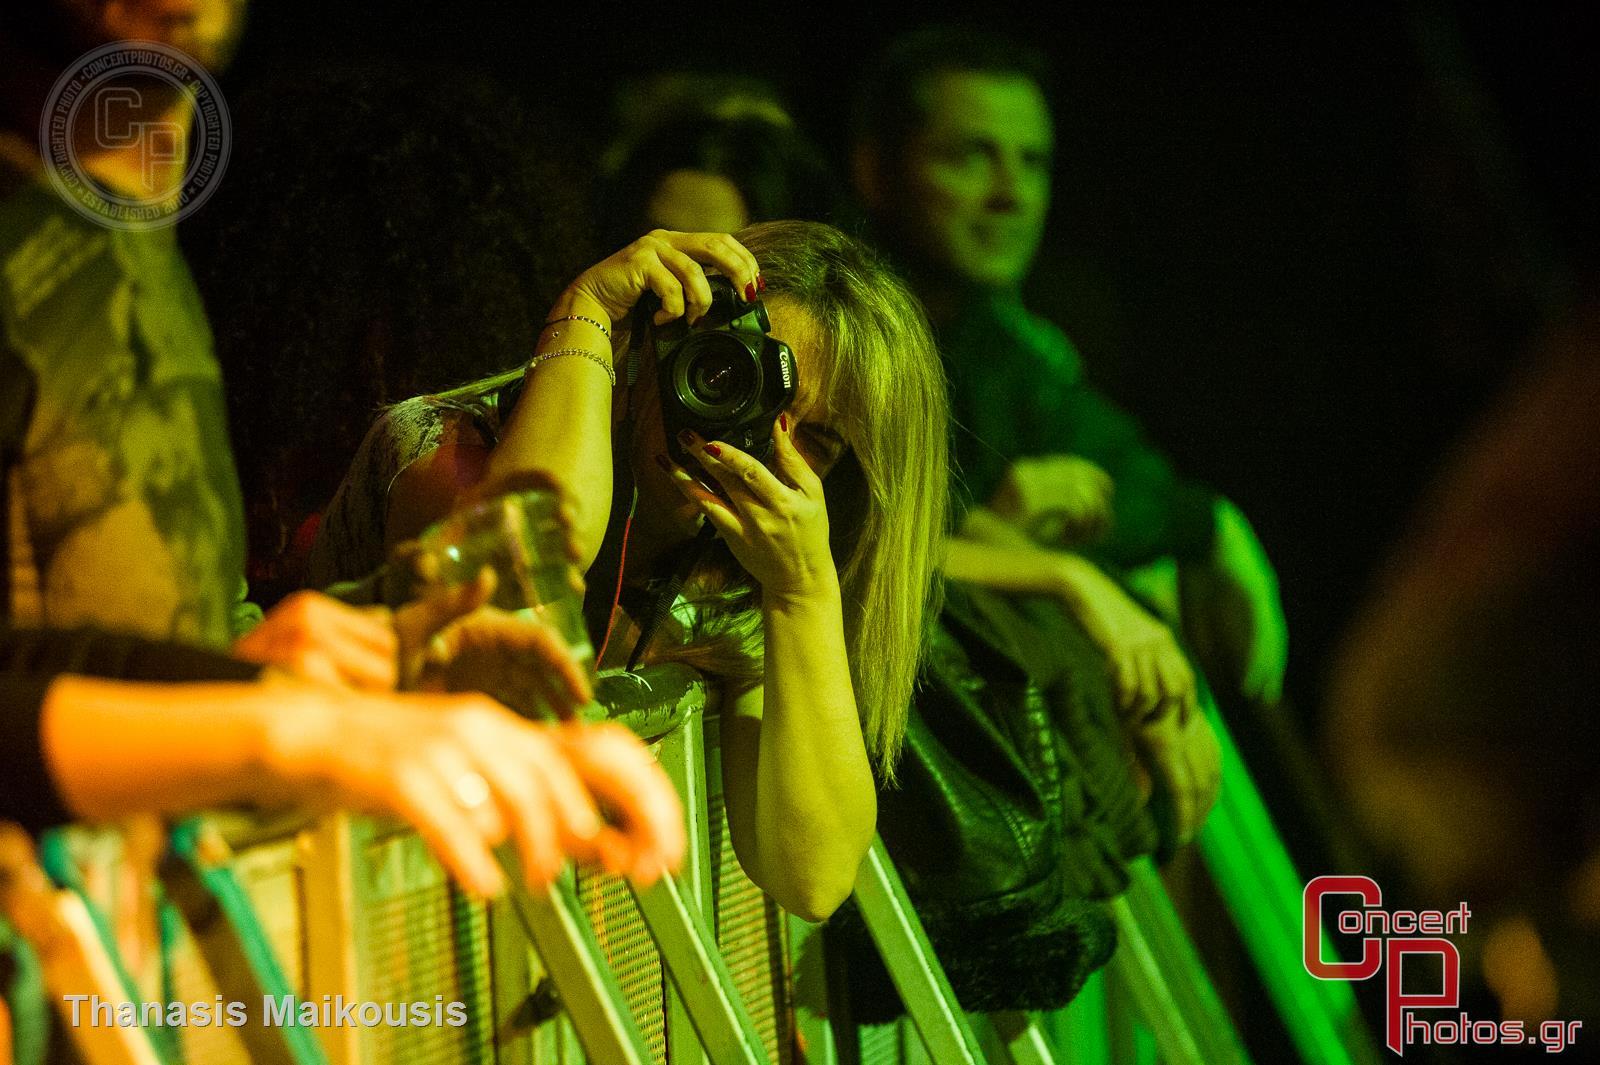 Stereo Mc's-Stereo Mcs photographer: Thanasis Maikousis - ConcertPhotos - 20141129_2316_27